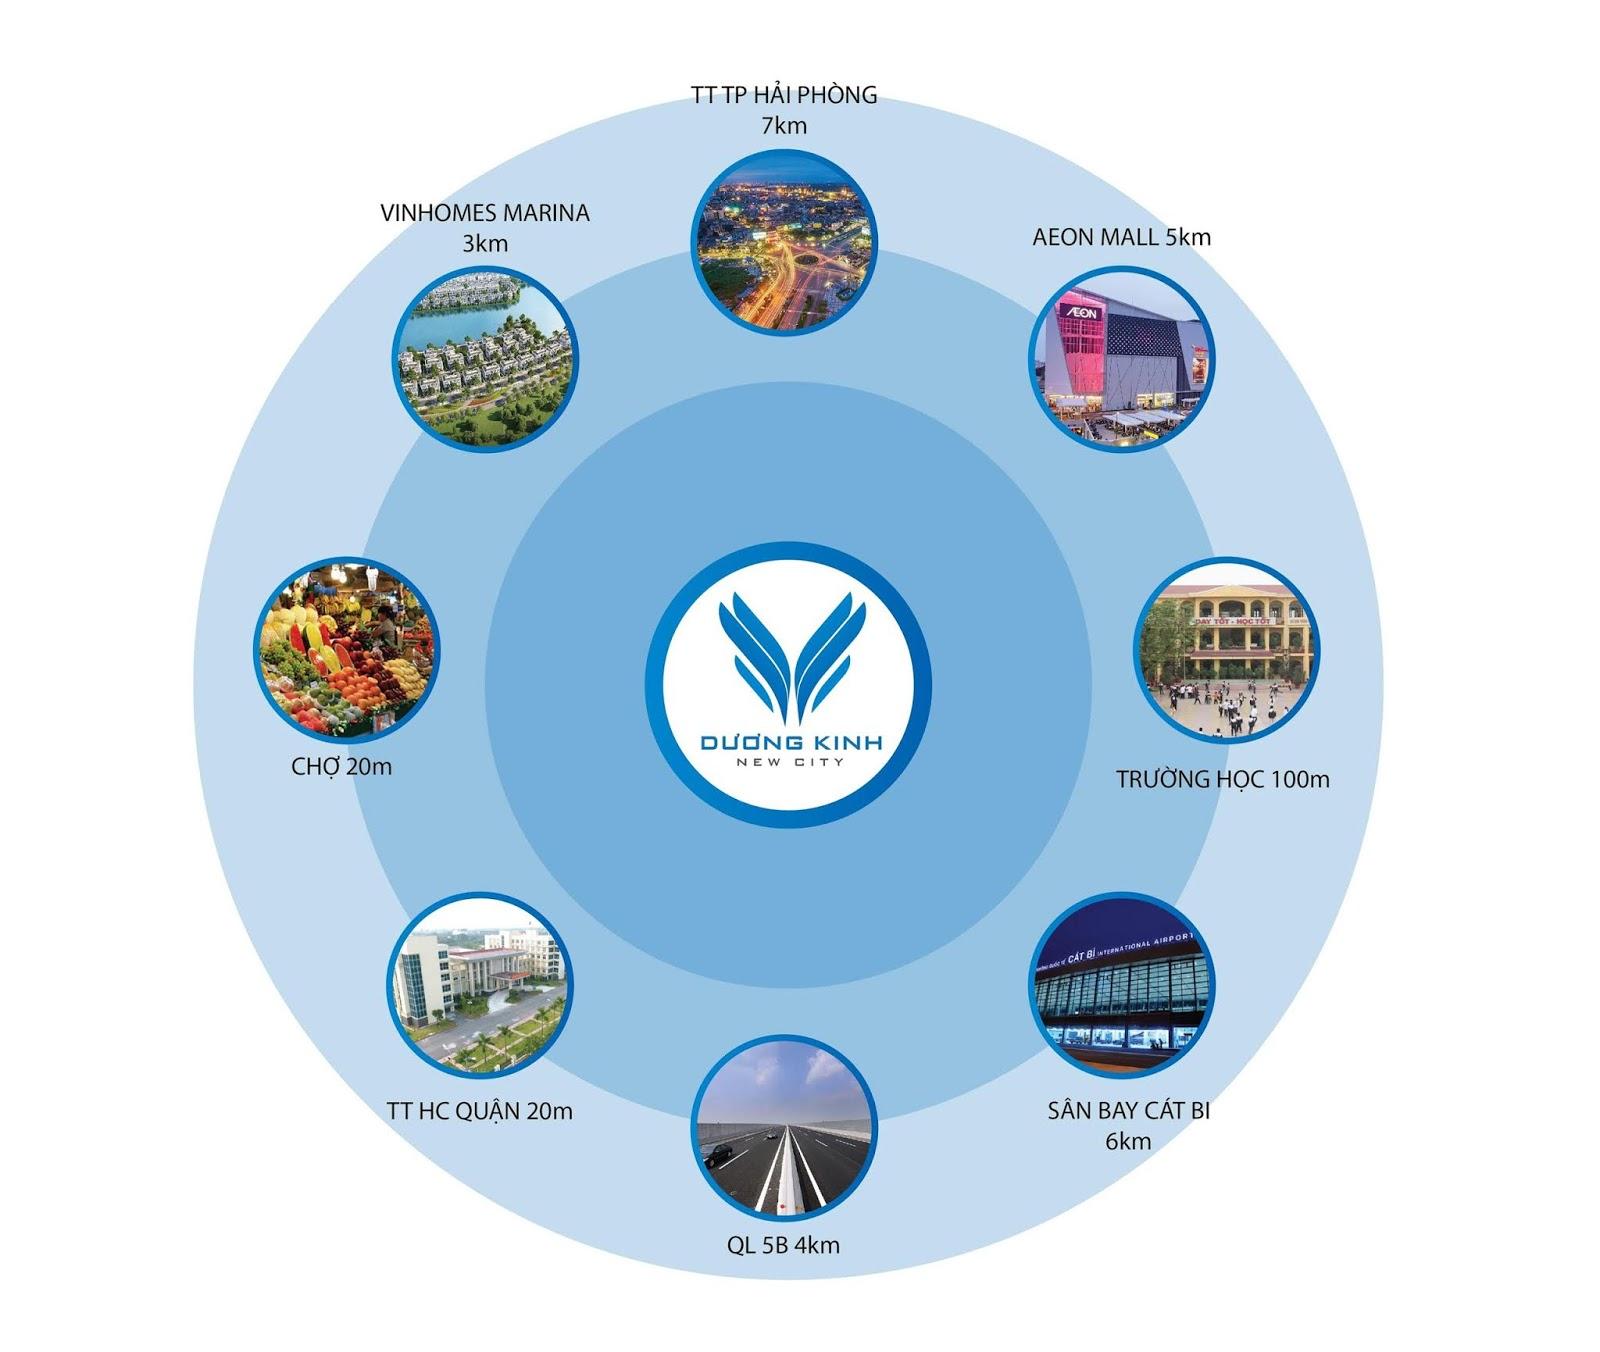 liên kết vùng dự án dương kinh new city